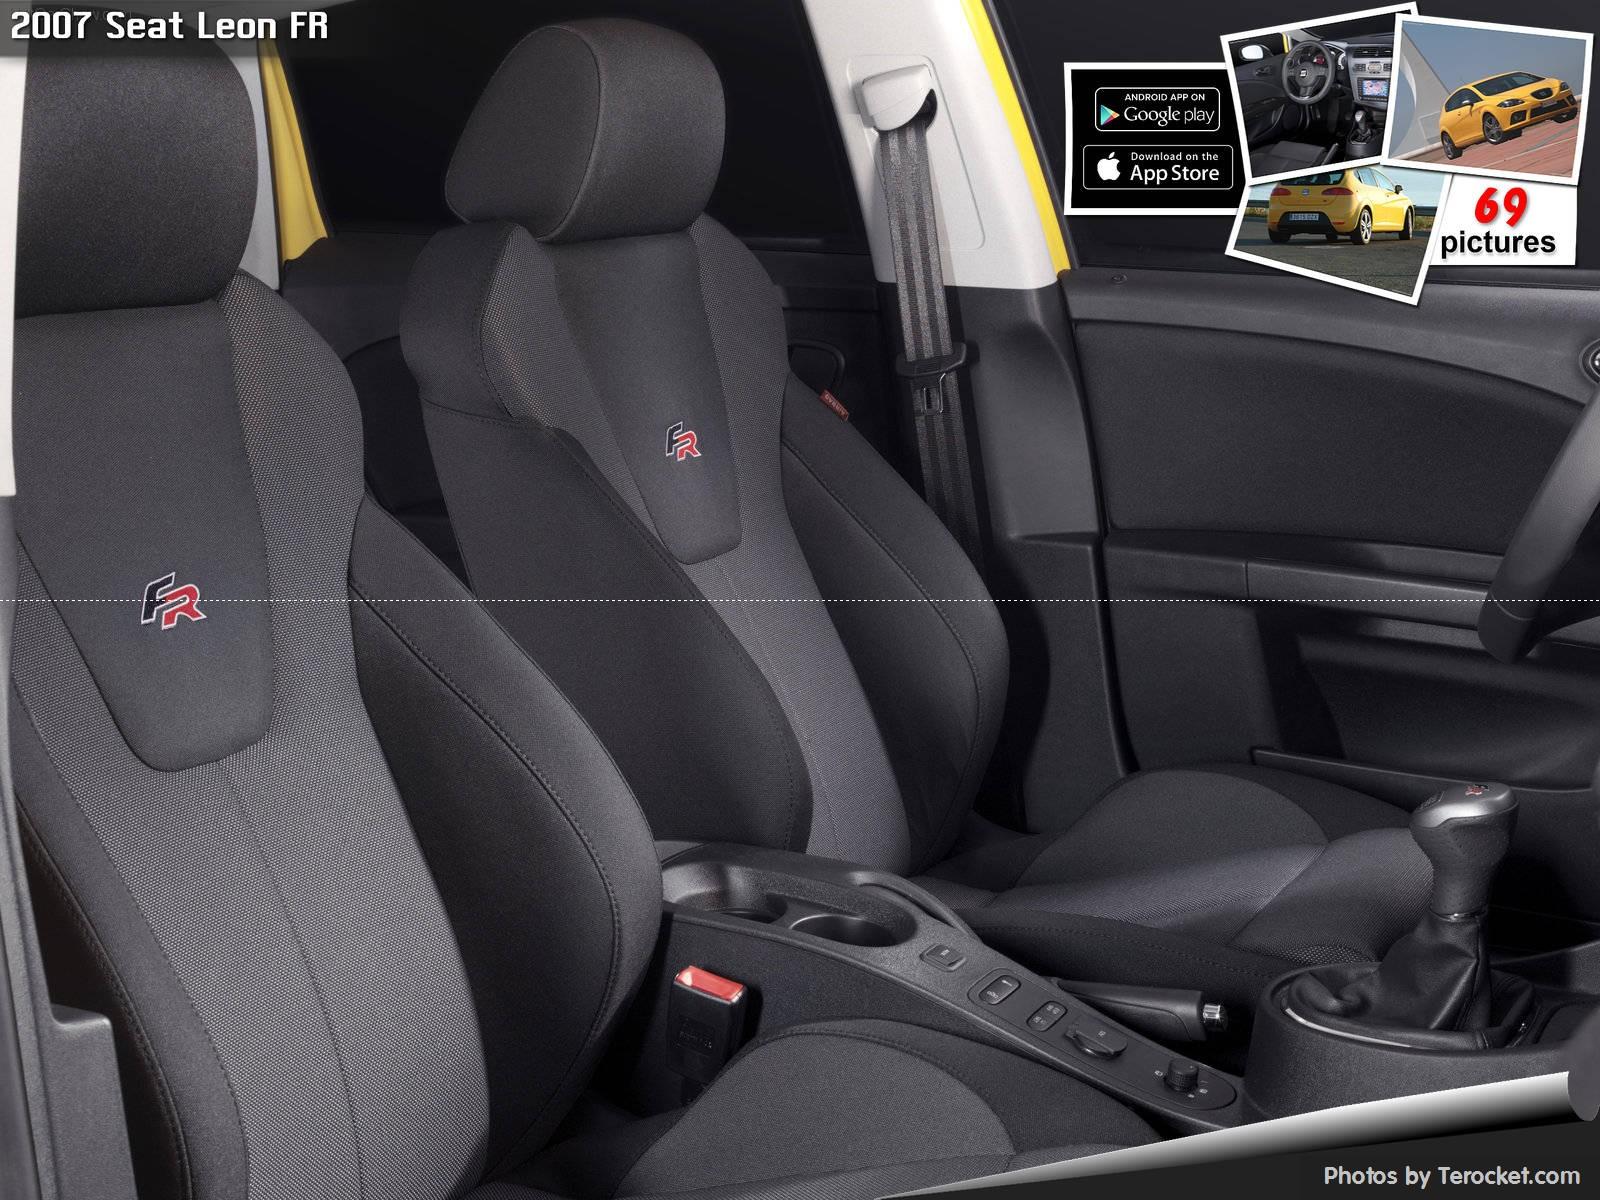 Hình ảnh xe ô tô Seat Leon FR 2007 & nội ngoại thất